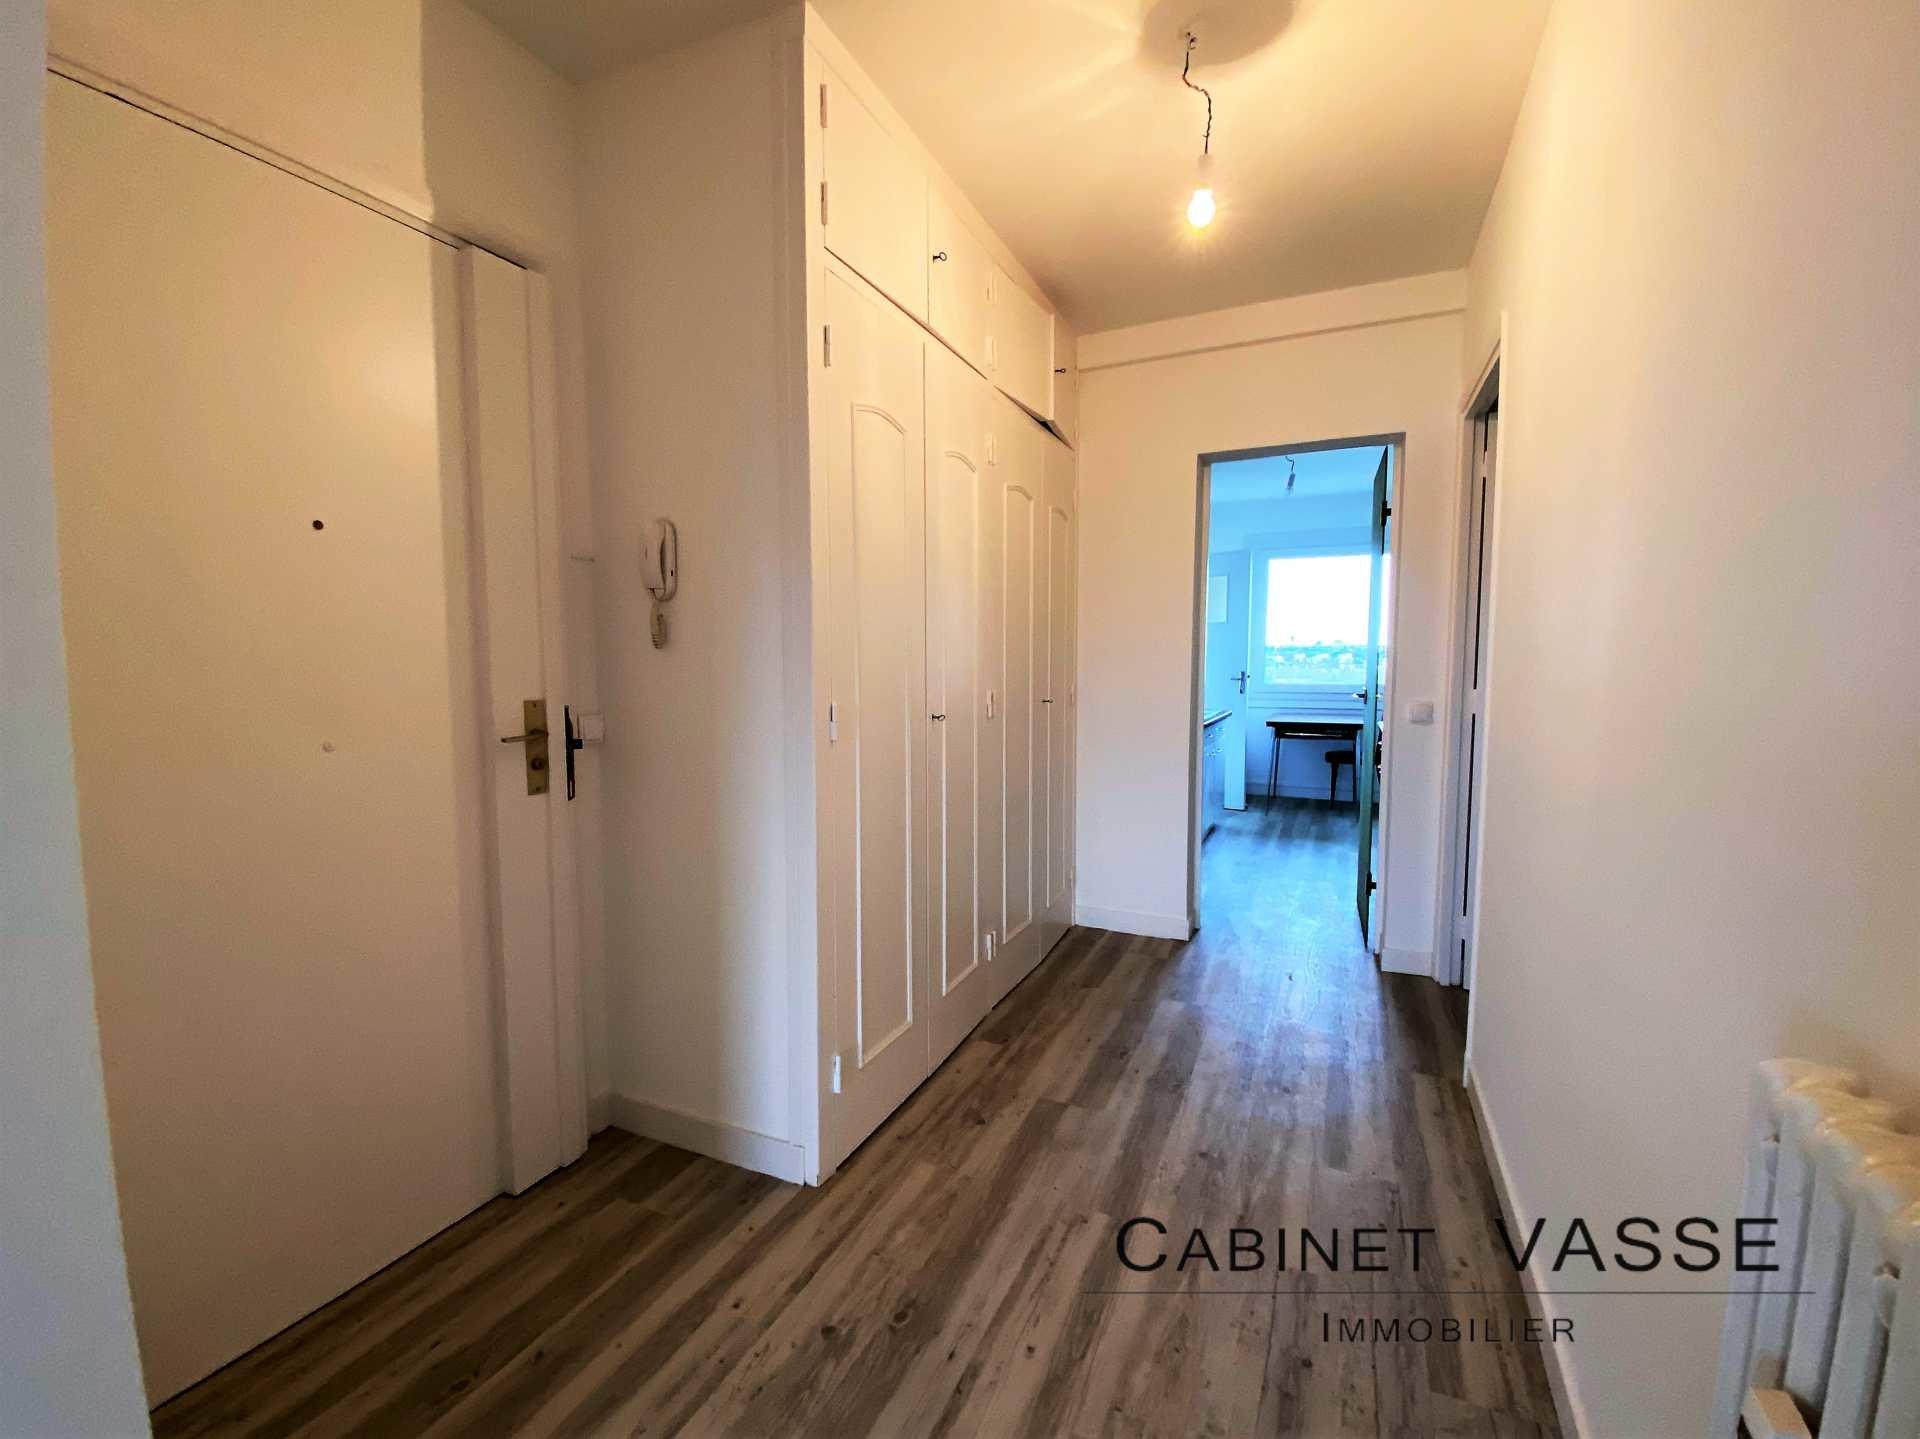 Appartement, parquet, placards, vasse, a louer